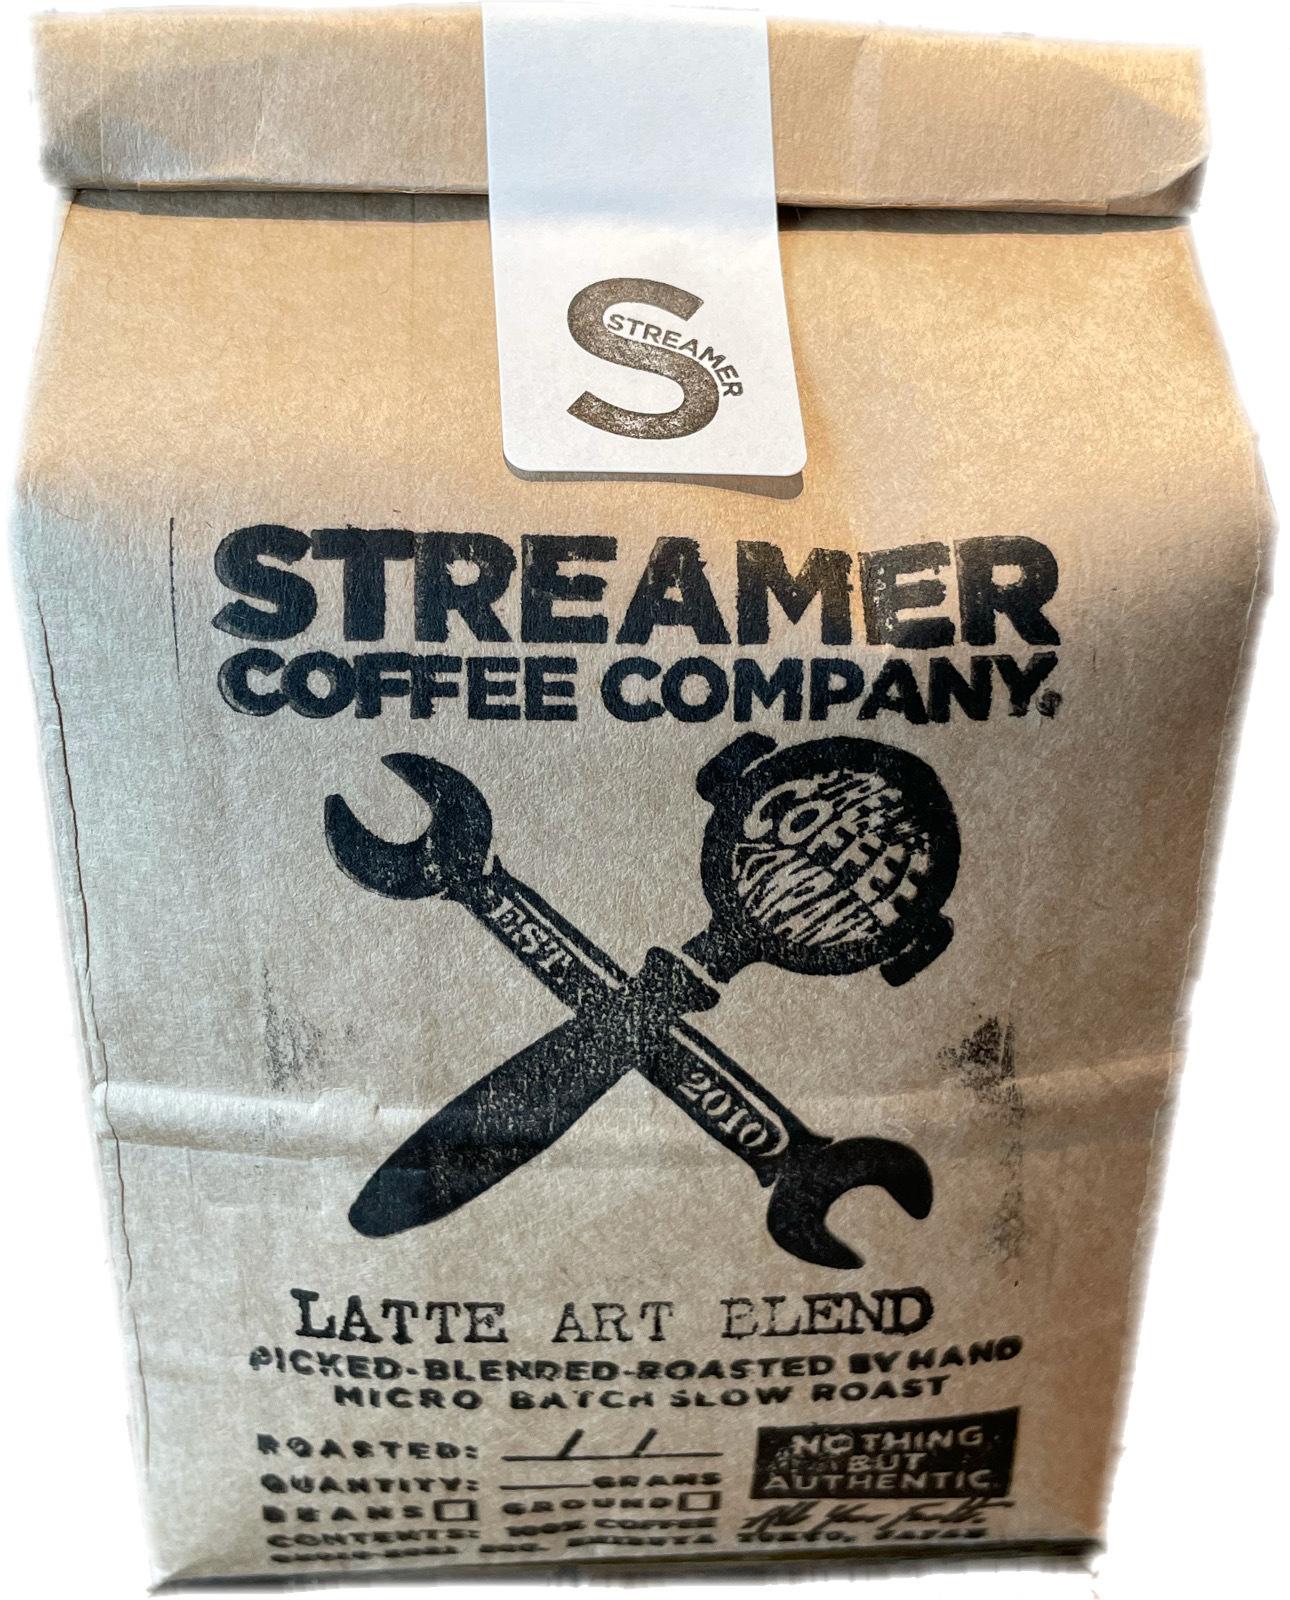 ラテアートブレンド コーヒー LATTE ART BLEND  200g 豆のまま(ブラジル・インドネシア)